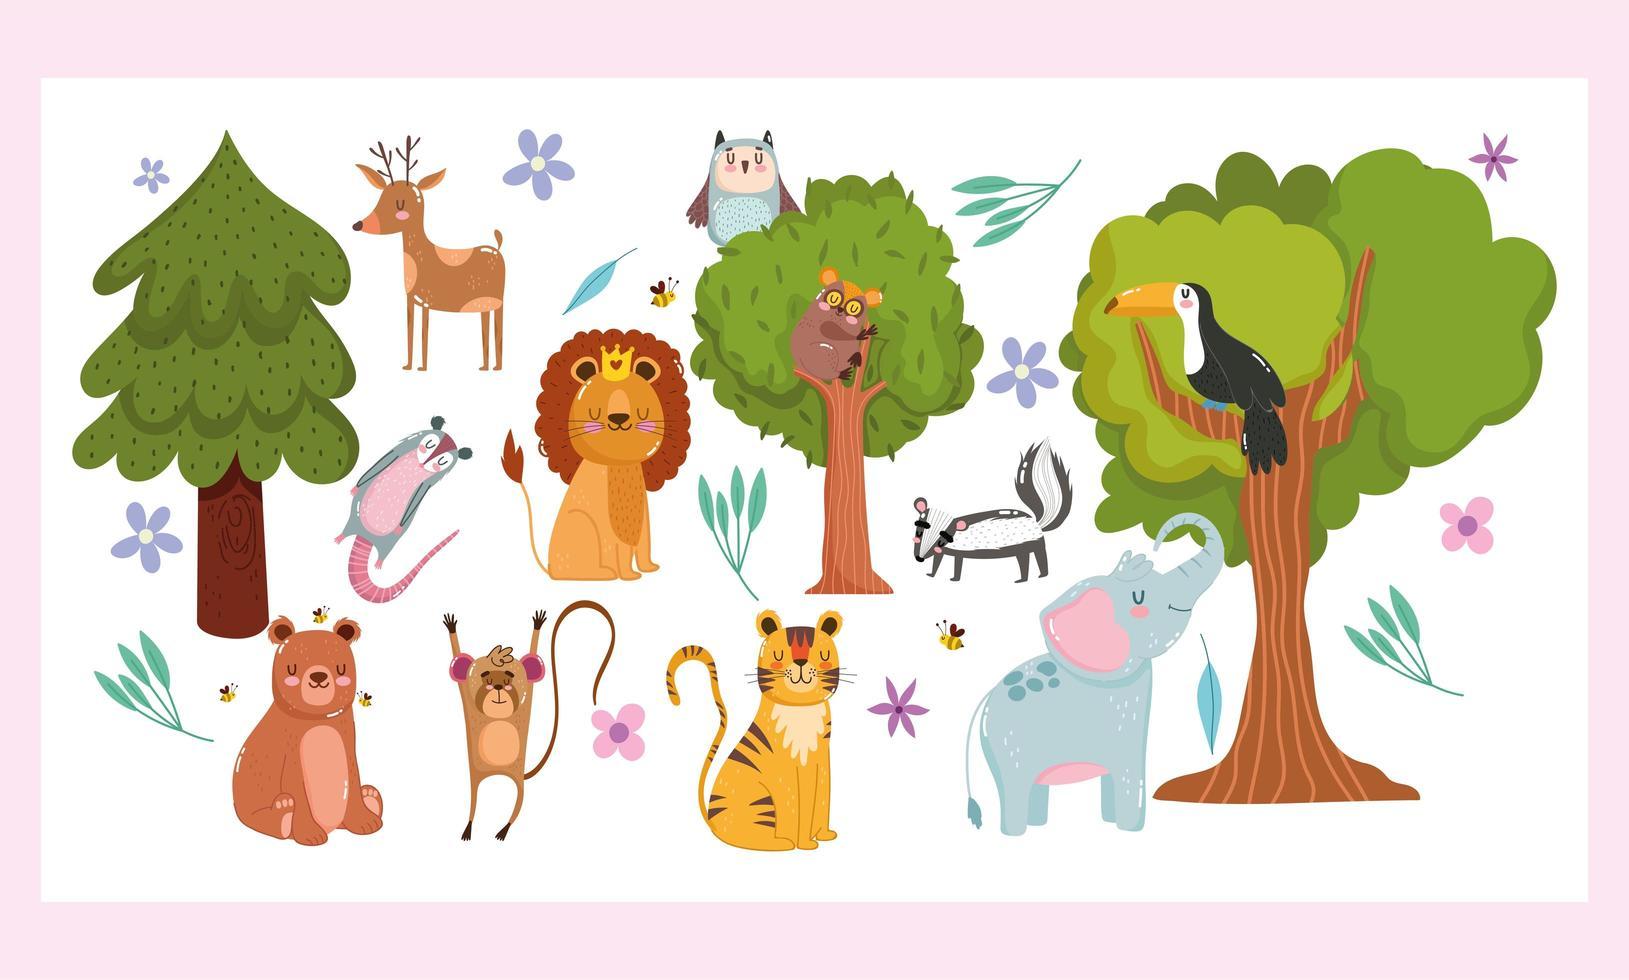 alberi, animali e foresta natura selvaggia dei cartoni animati vettore